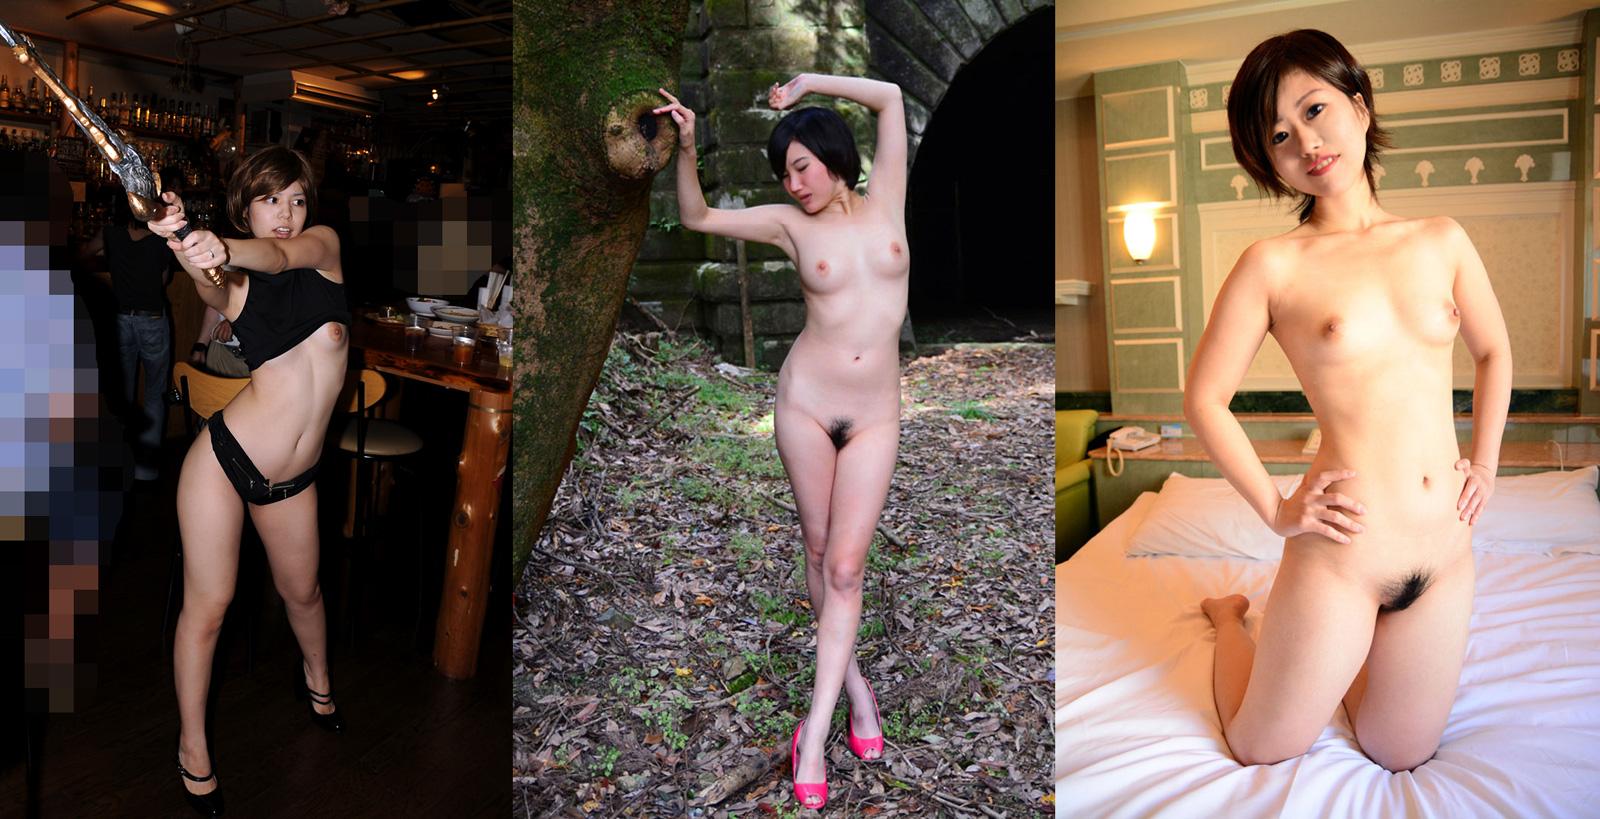 yousoudo 山賊パーティ撮影会(5月21日)のモデルさん達です。